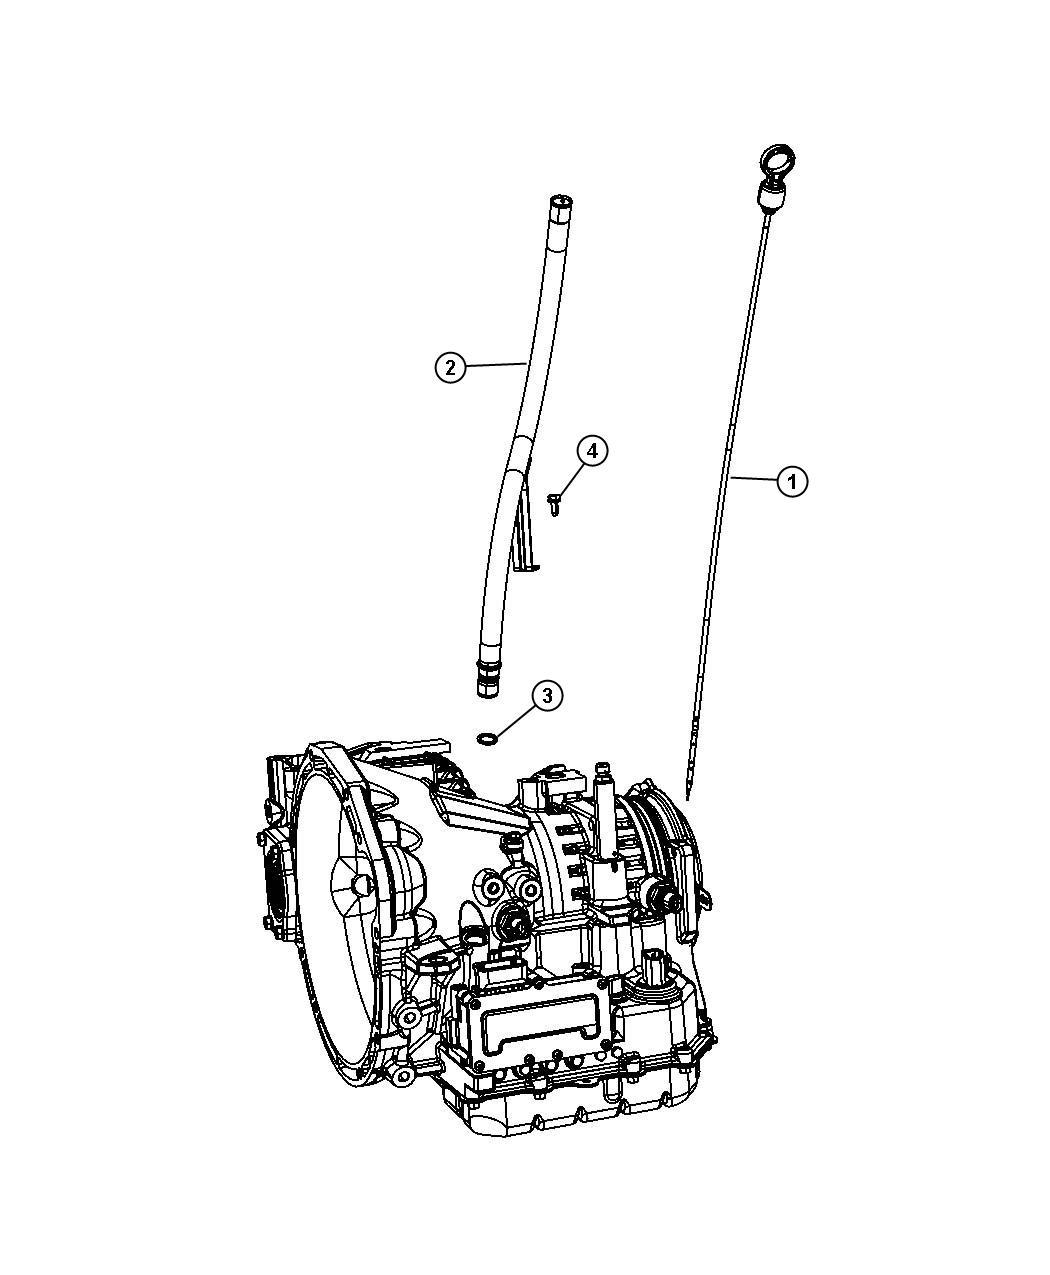 2009 Dodge Journey Indicator. Transmission fluid level